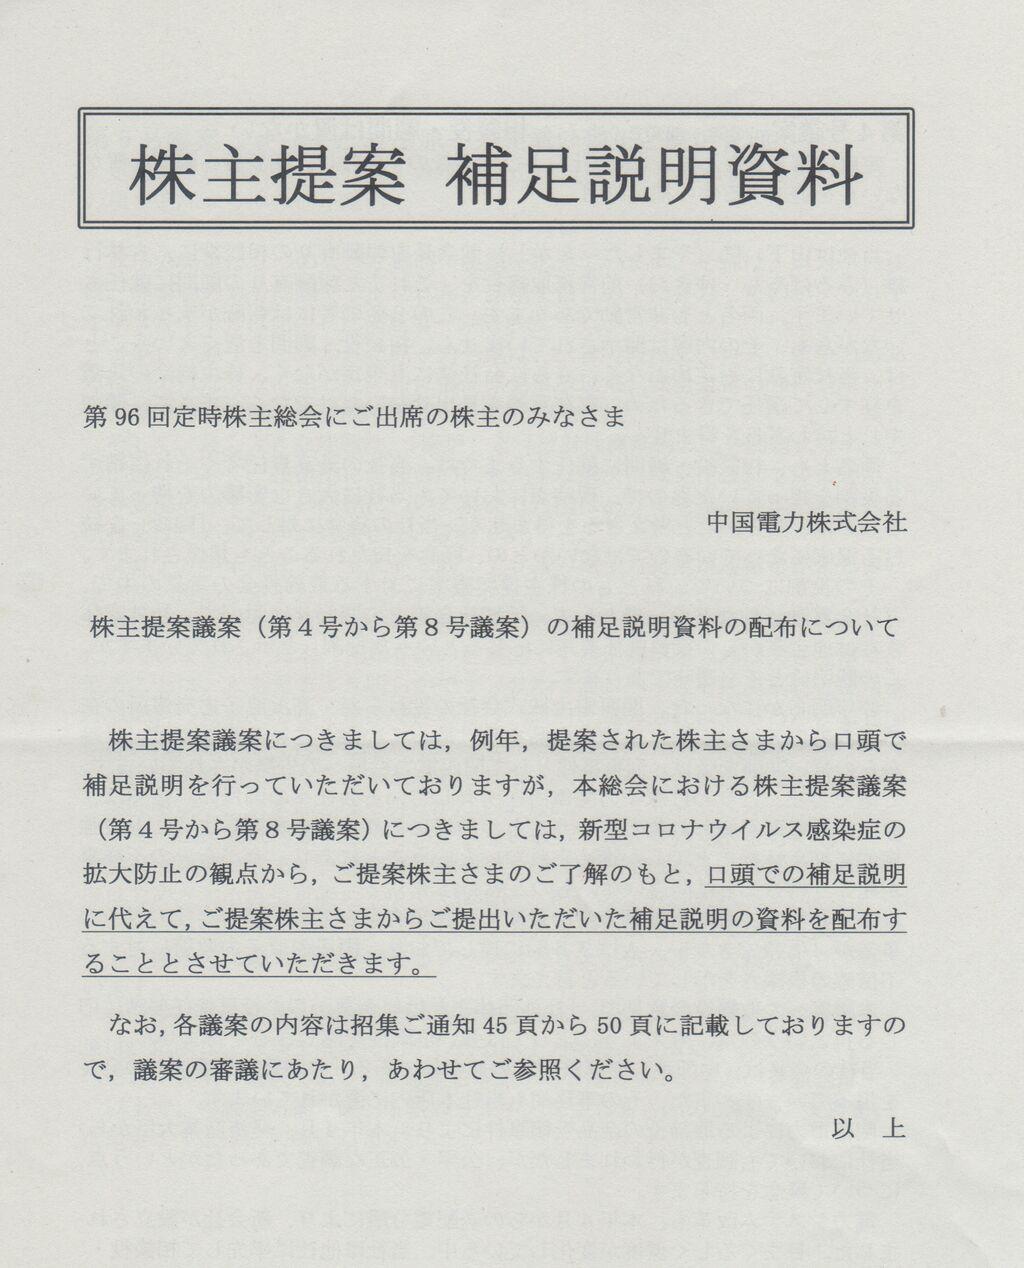 中電株主提案補足説明表紙